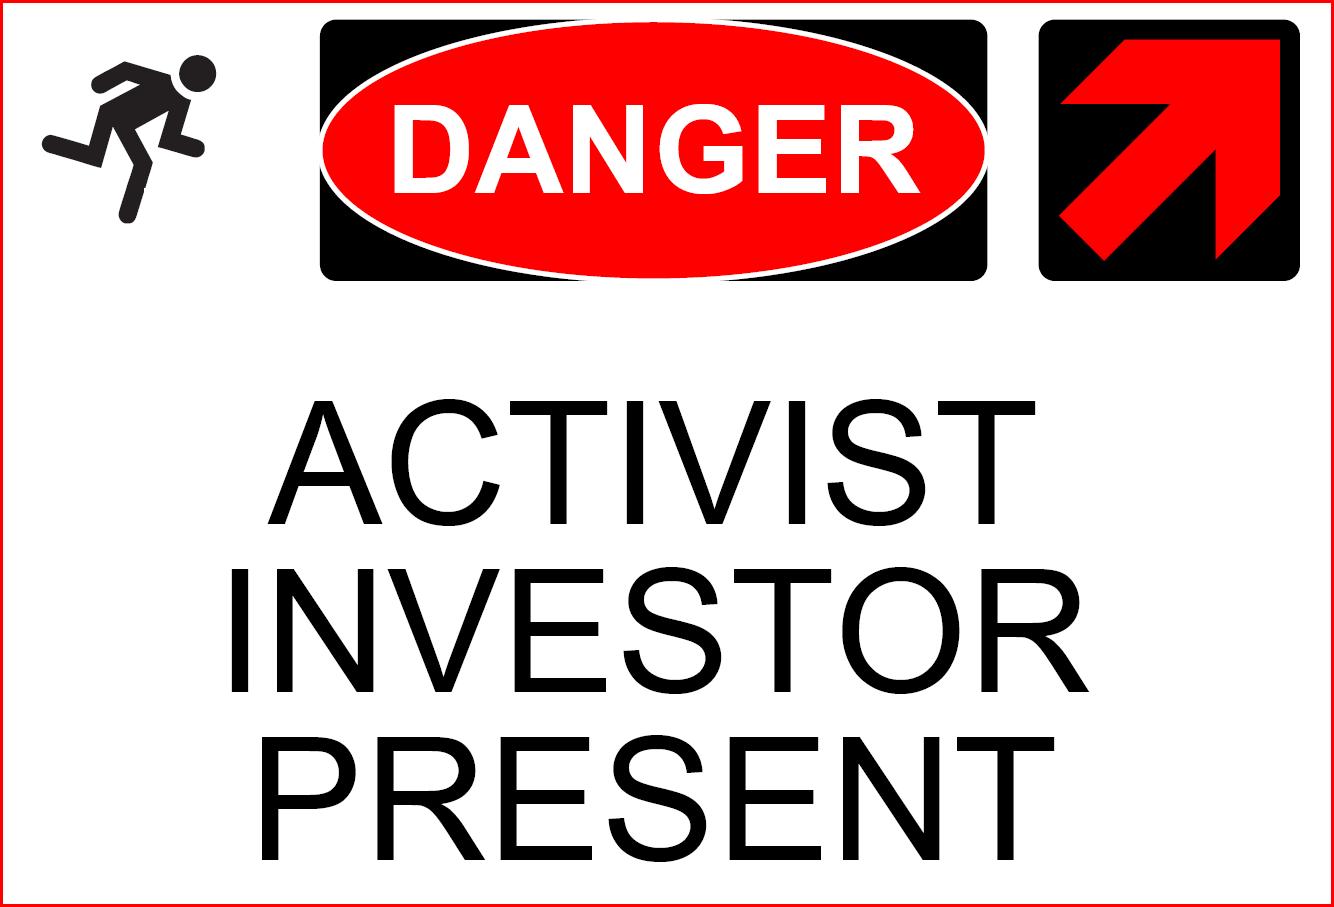 Am I Next? Activist Investors Change Restructuring and Layoffs